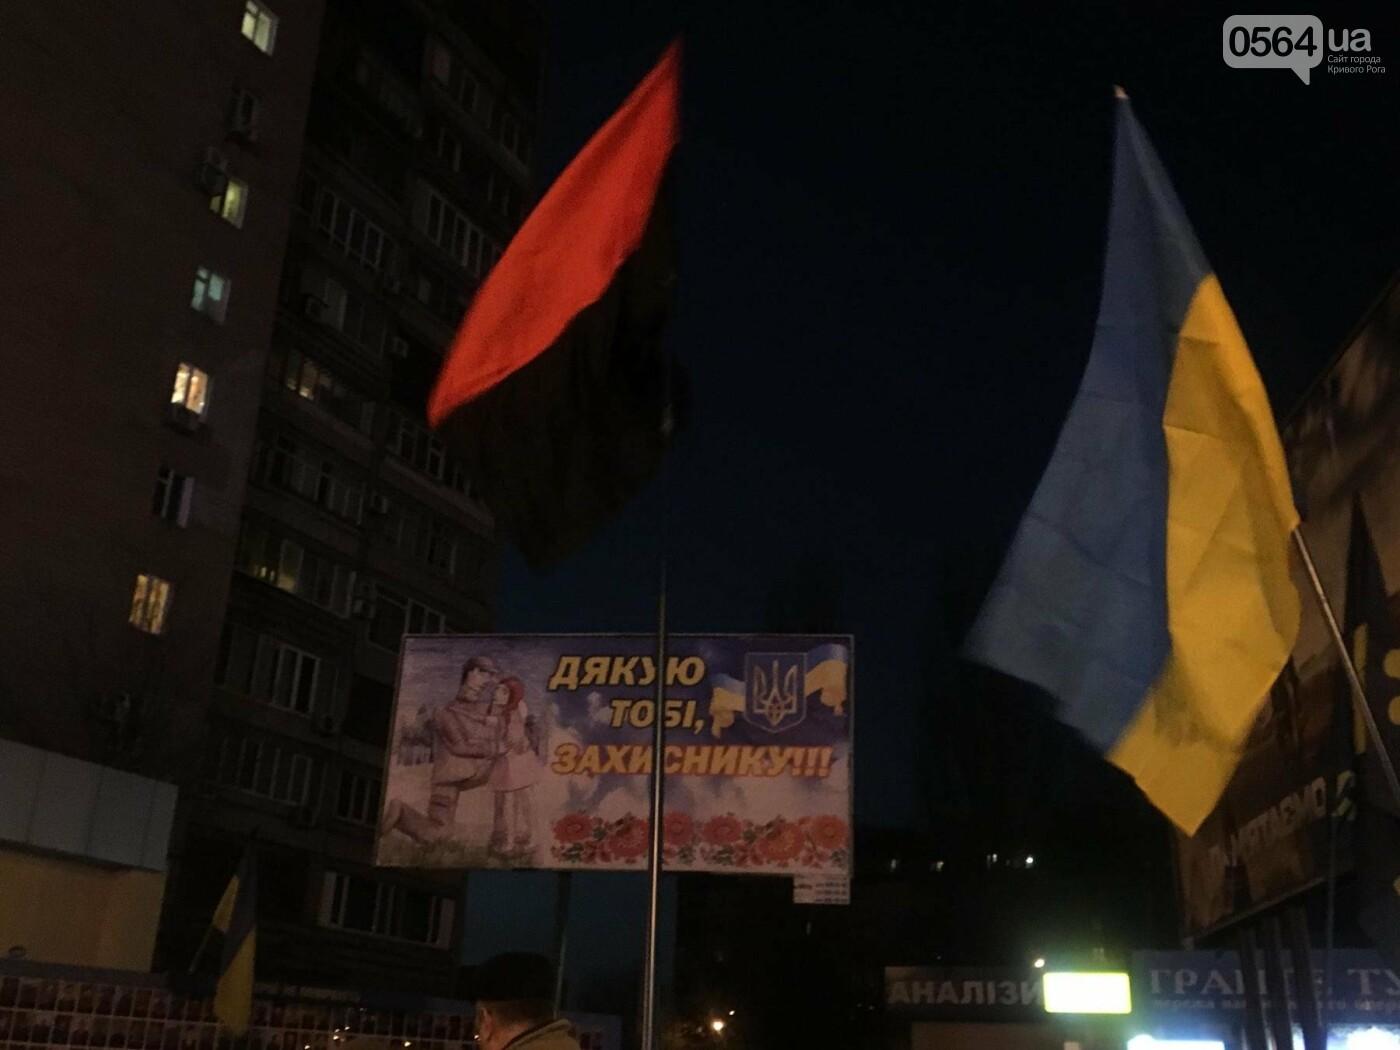 В Кривом Роге проходит Факельный марш в честь Дня рождения Степана Бандеры (ФОТО, ВИДЕО), фото-22